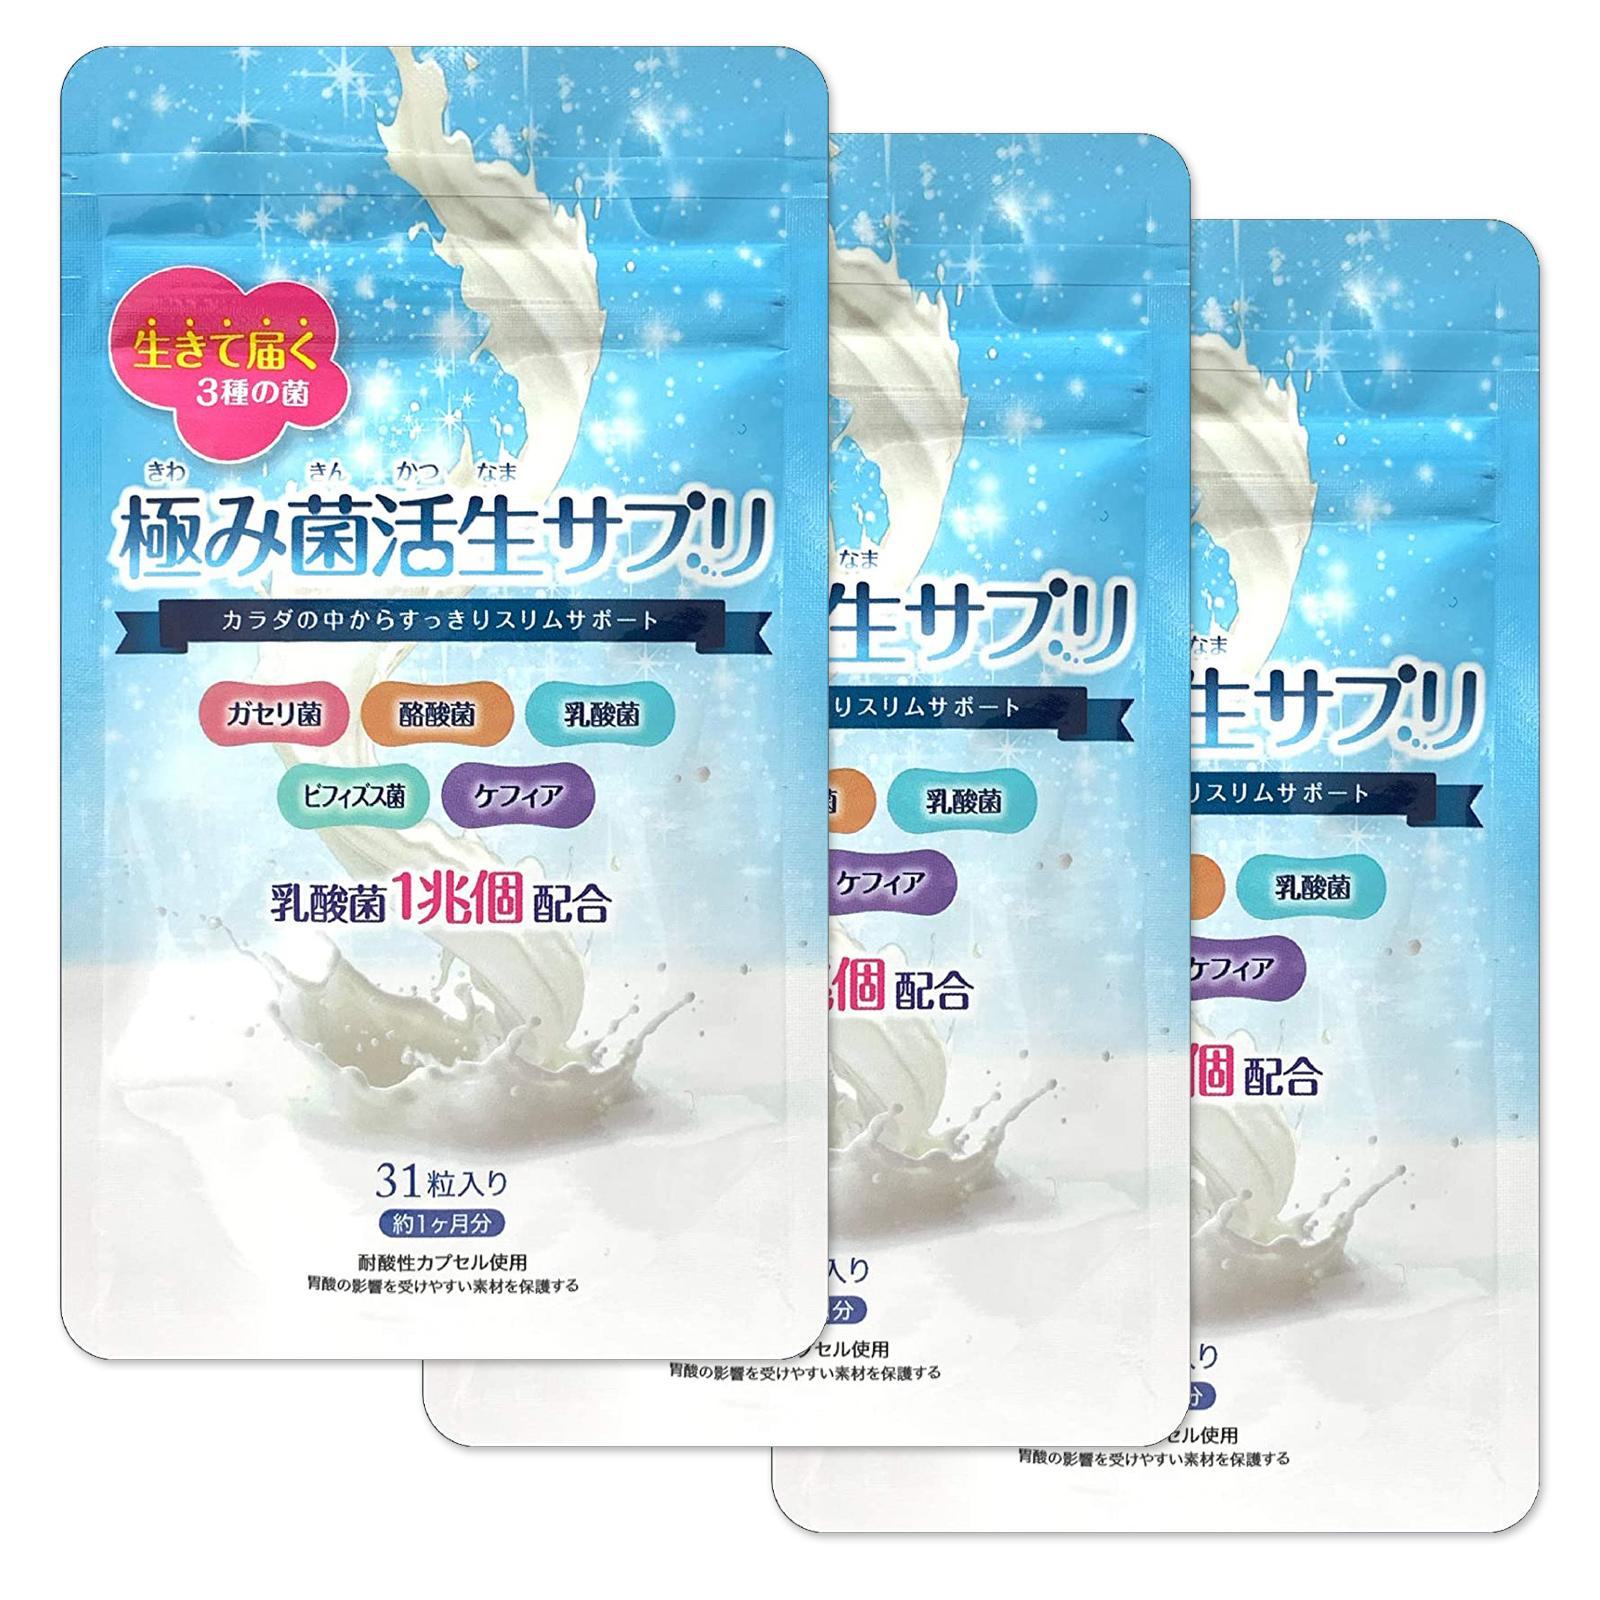 【公式】極み菌活生サプリ 31粒 やせ菌 サプリメント 乳酸菌 酪酸菌 ビフィズス菌 3袋(約3ヶ月分)